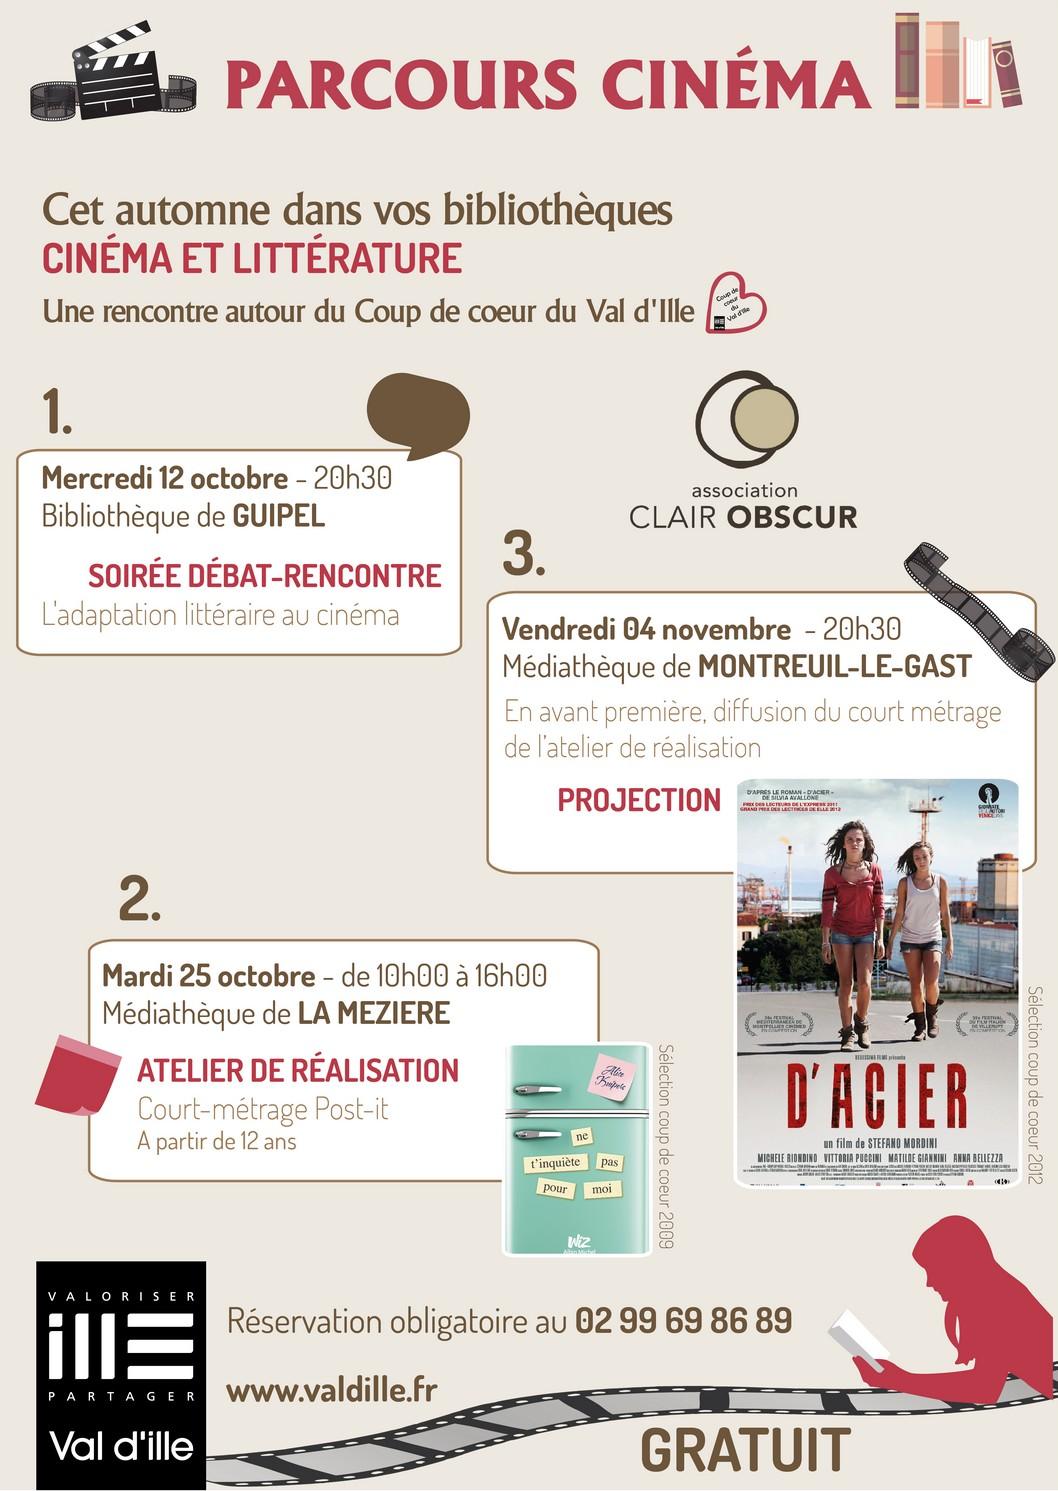 parcours-cinema